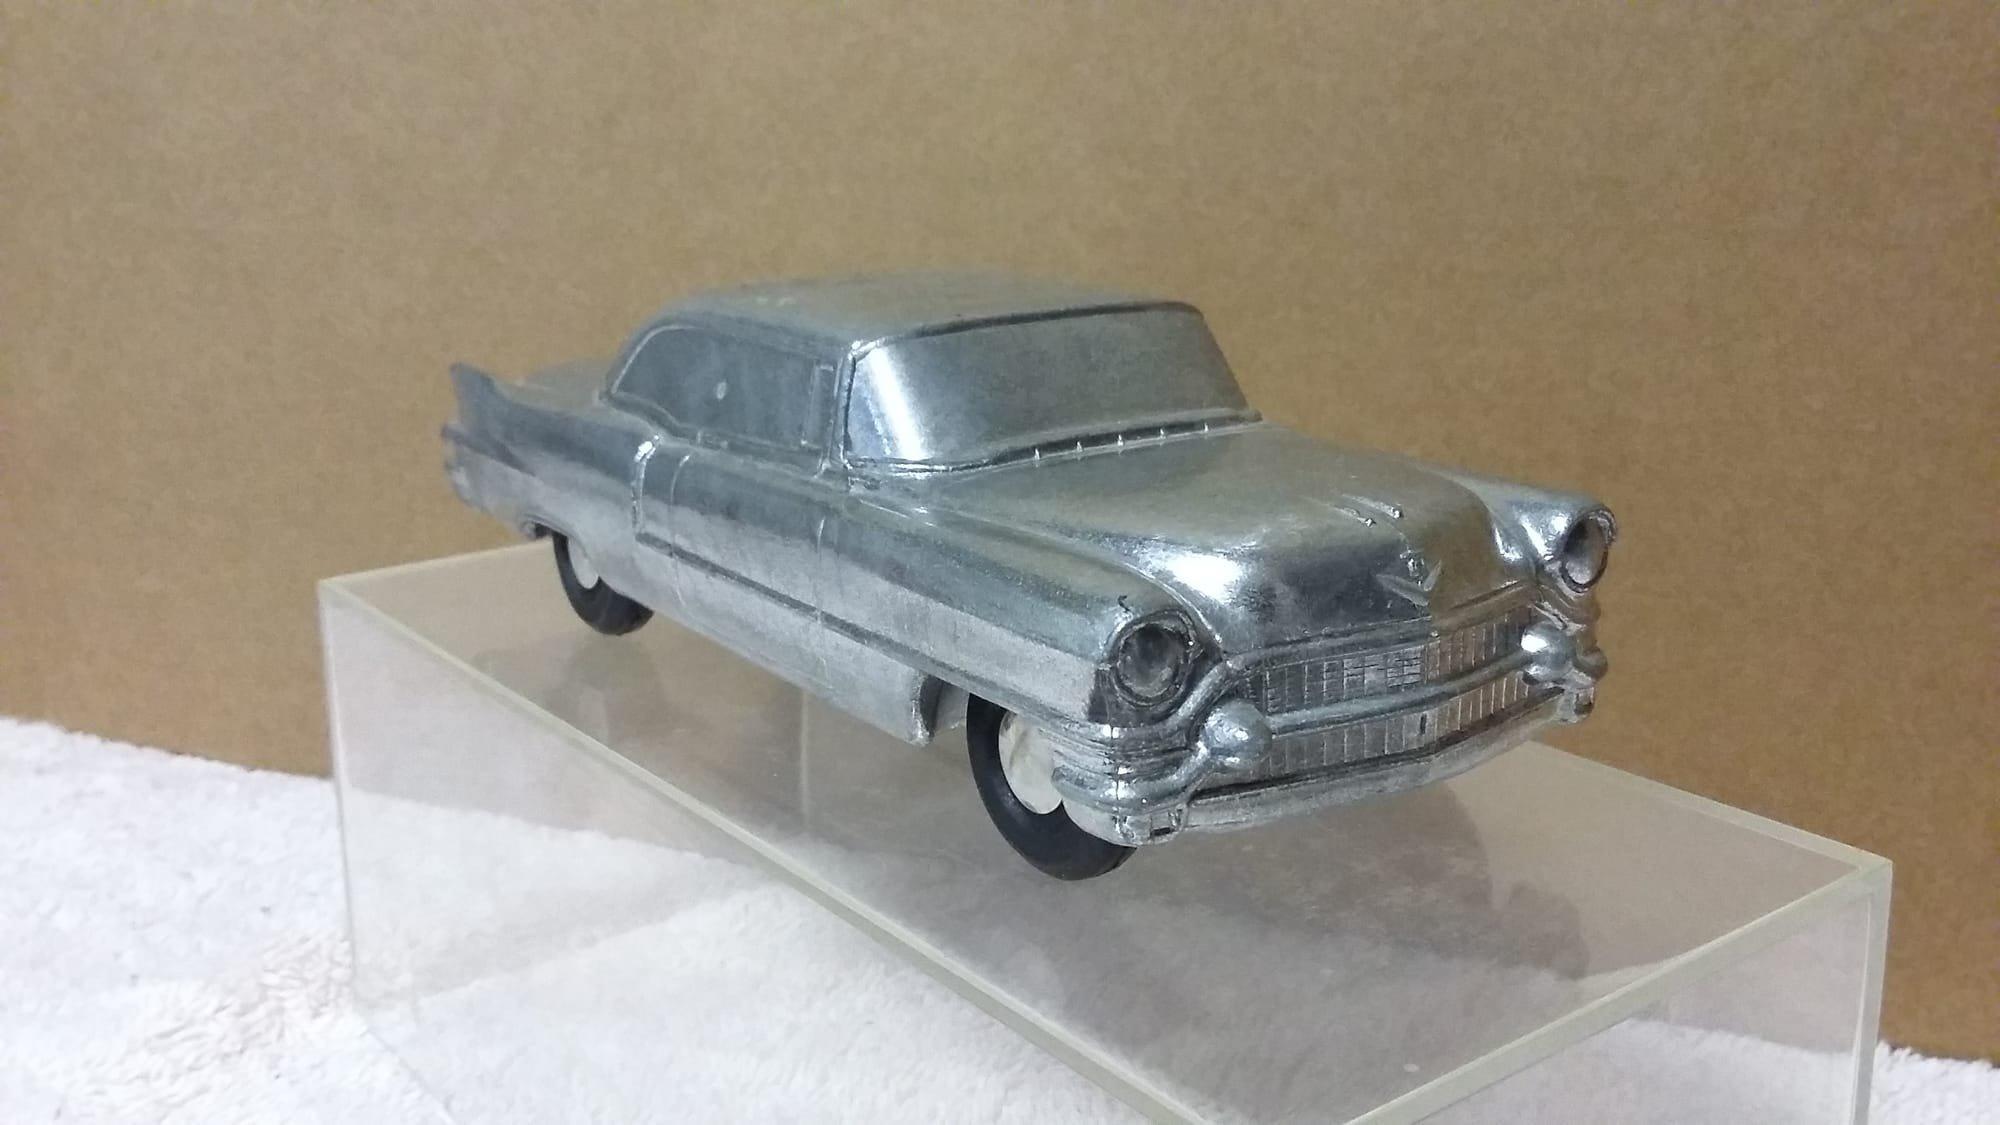 Obsolete Auto Dealer Showroom Collectibles Promos Toys 1971 El Dorado Headlight Wiring Harness Stock 11481956 Cadillac Eldorado 2 Door Hardtop With Free Us Shipping